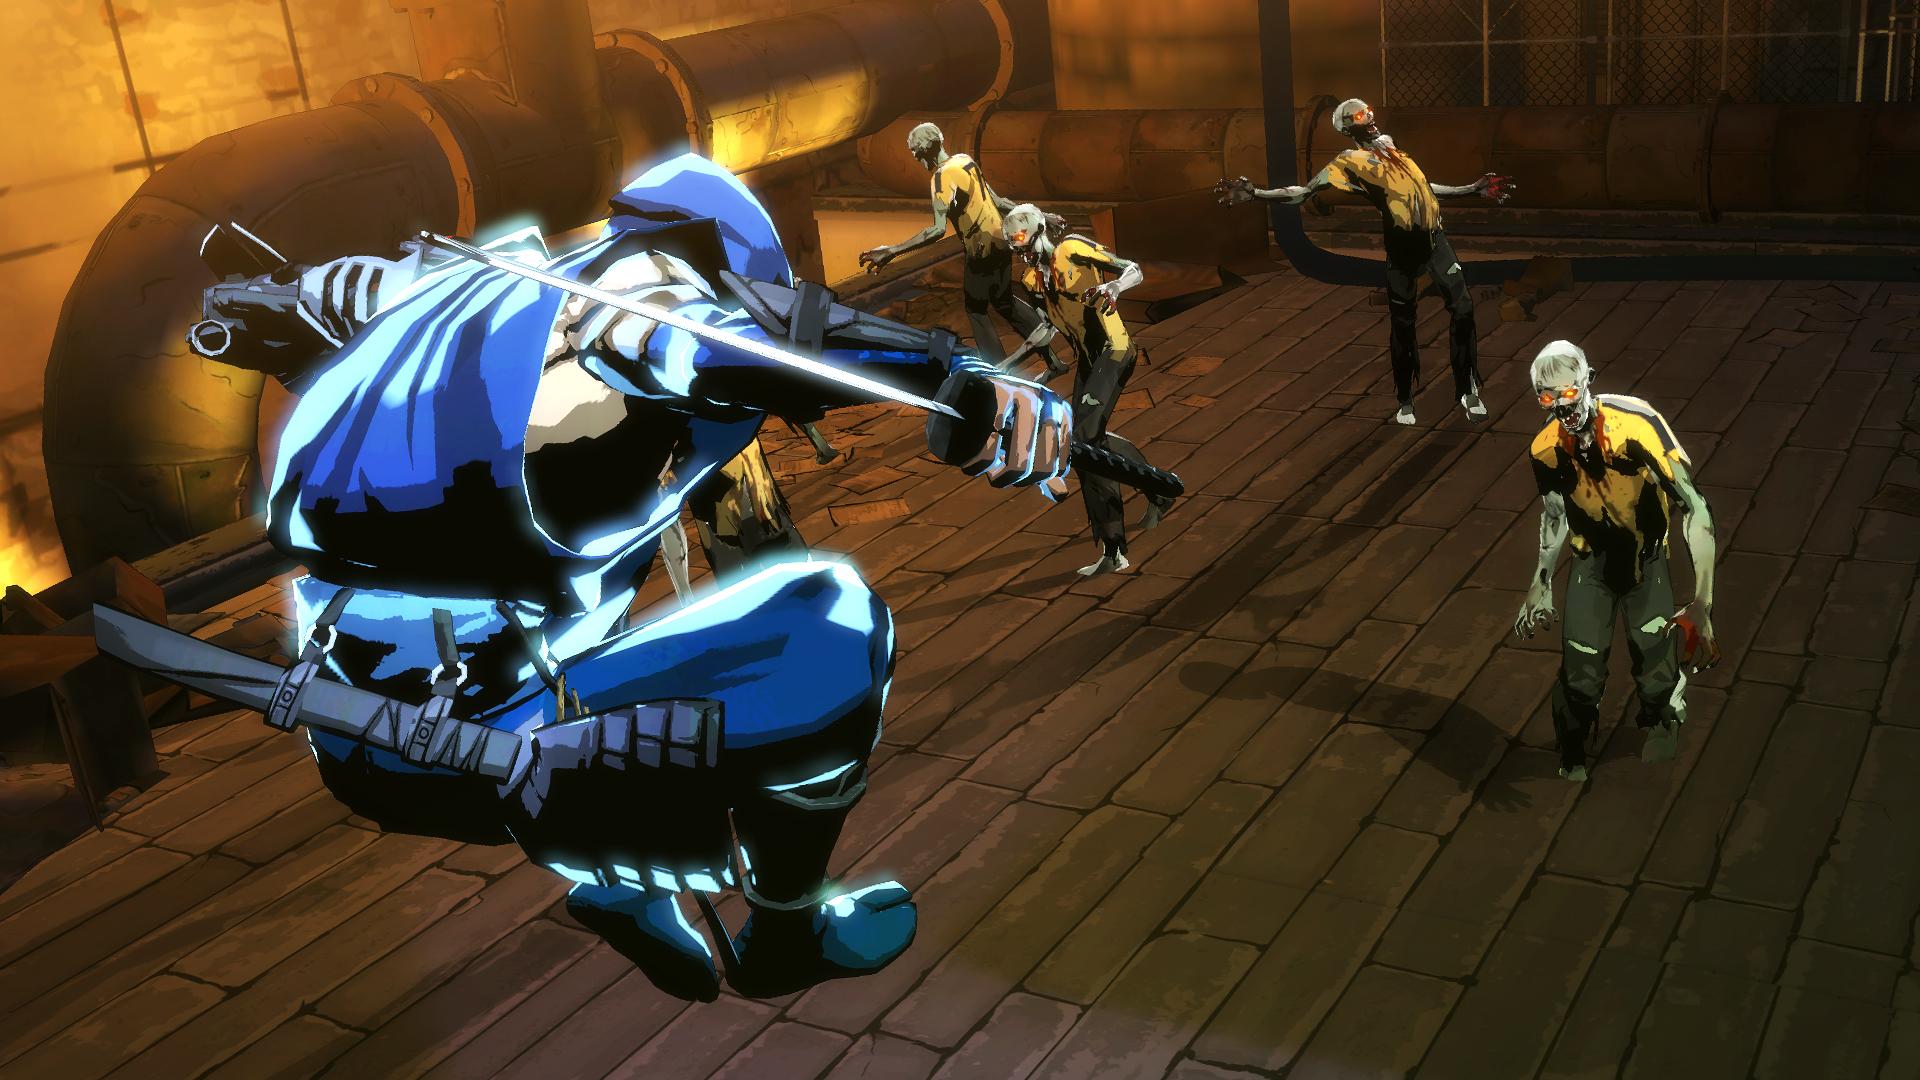 NINJA GAIDEN fantasy anime warrior weapon sword battle dark zombie d    Ninja Weapons Wallpaper